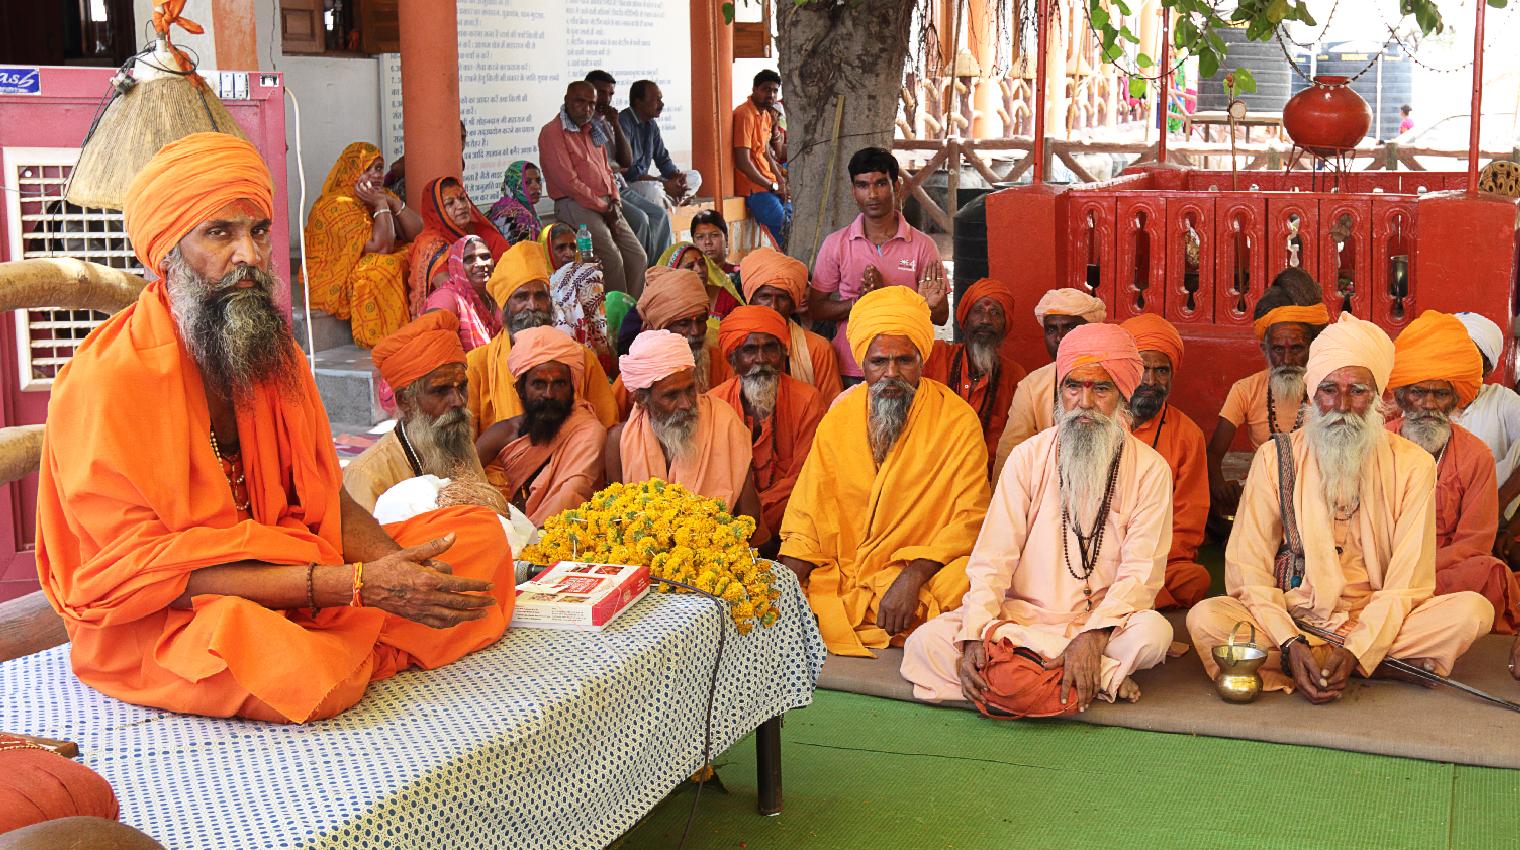 Satsangs during Allahabad Kumbh Mela